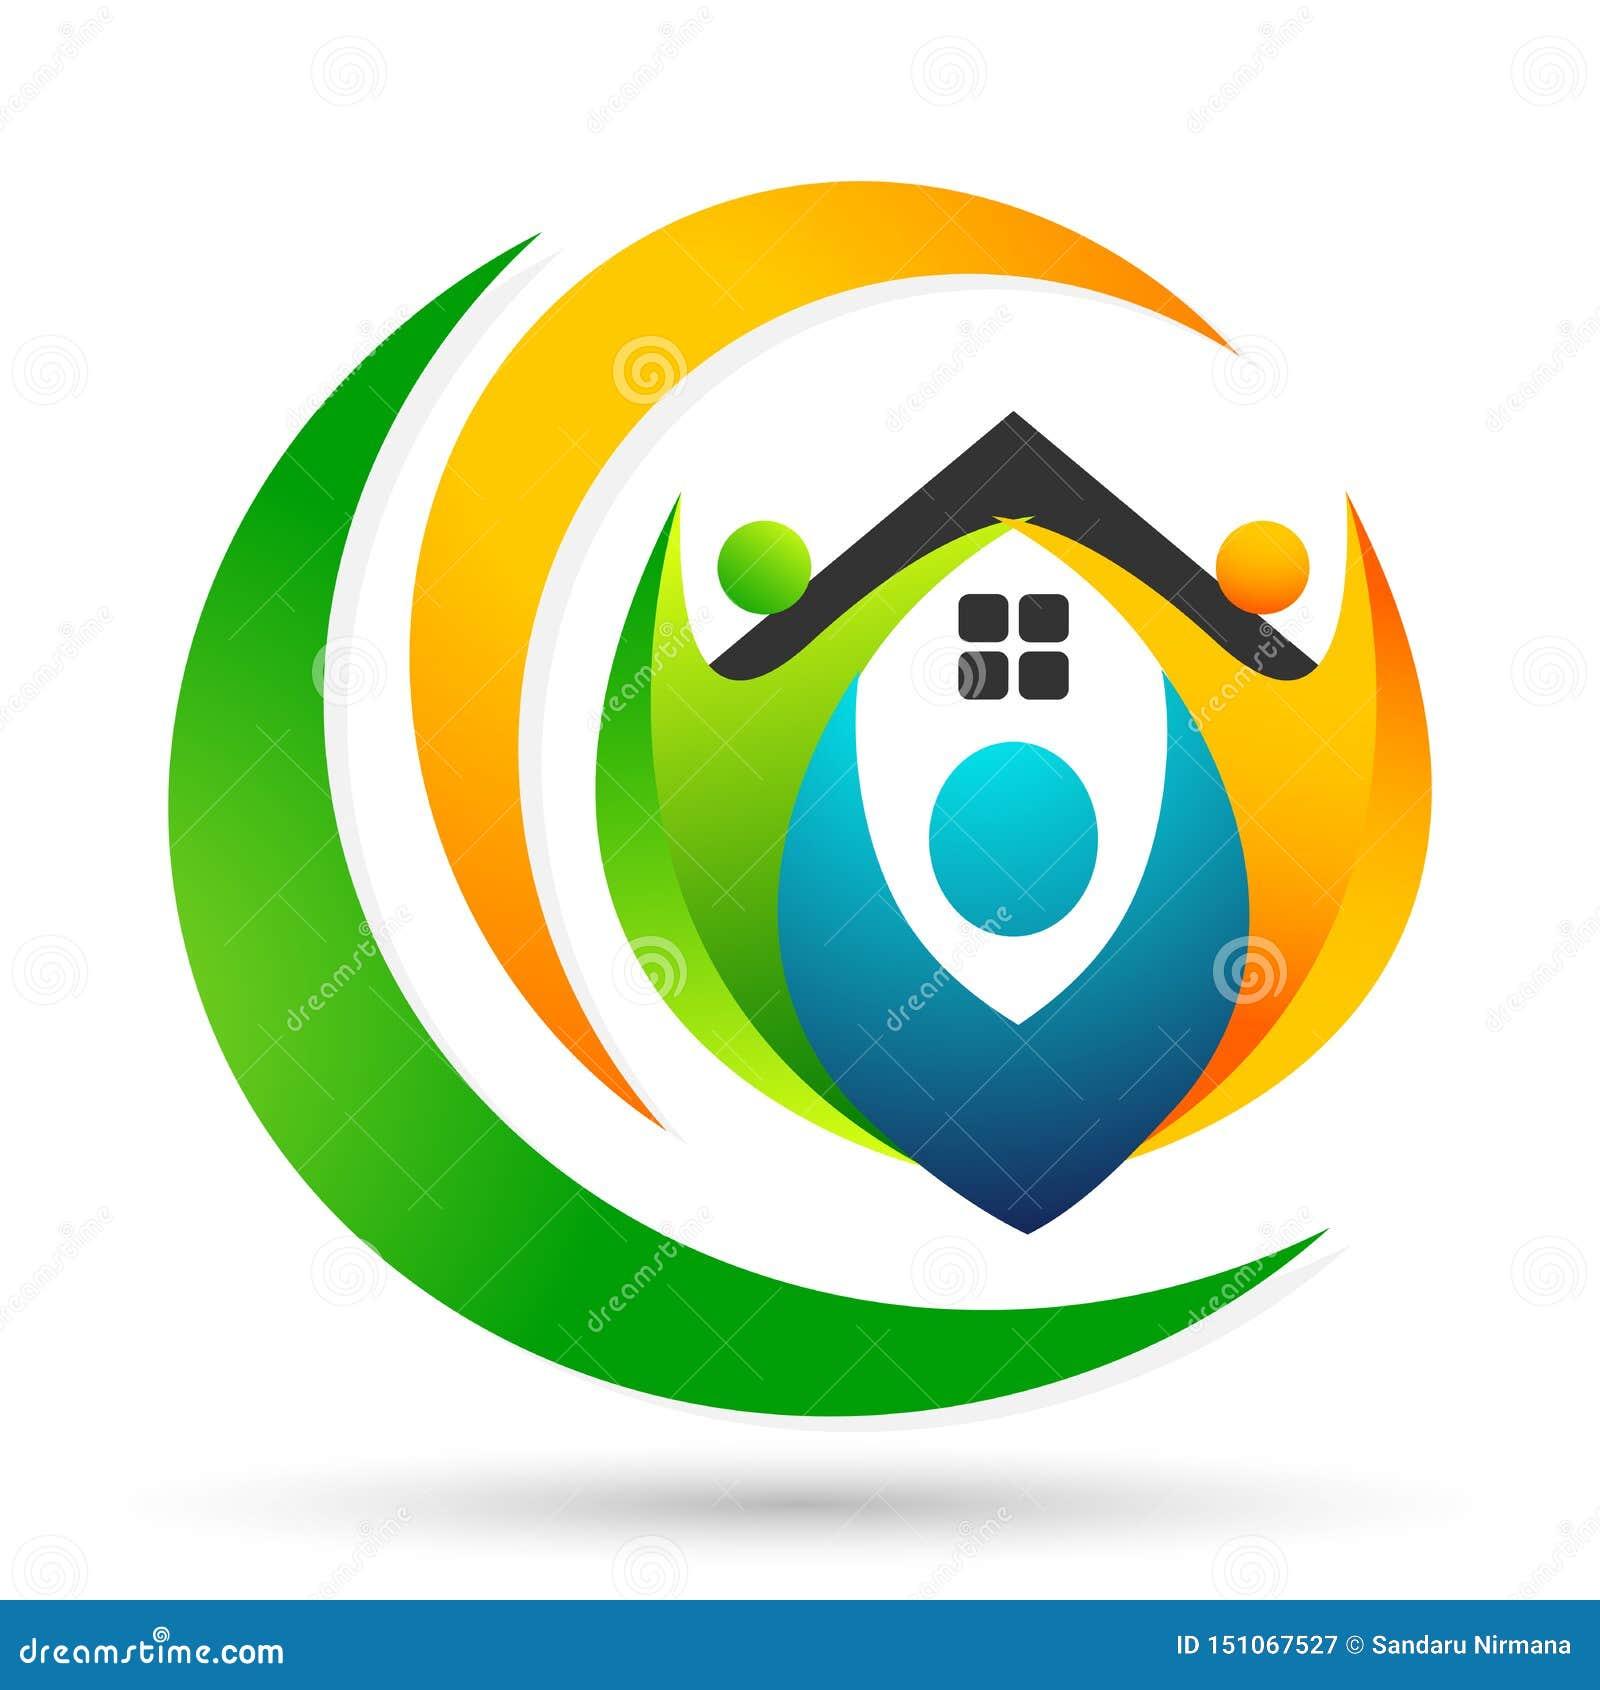 Família feliz no logotipo da união da casa, família, pai, crianças, amor verde, parenting, cuidado, vetor do projeto do ícone do